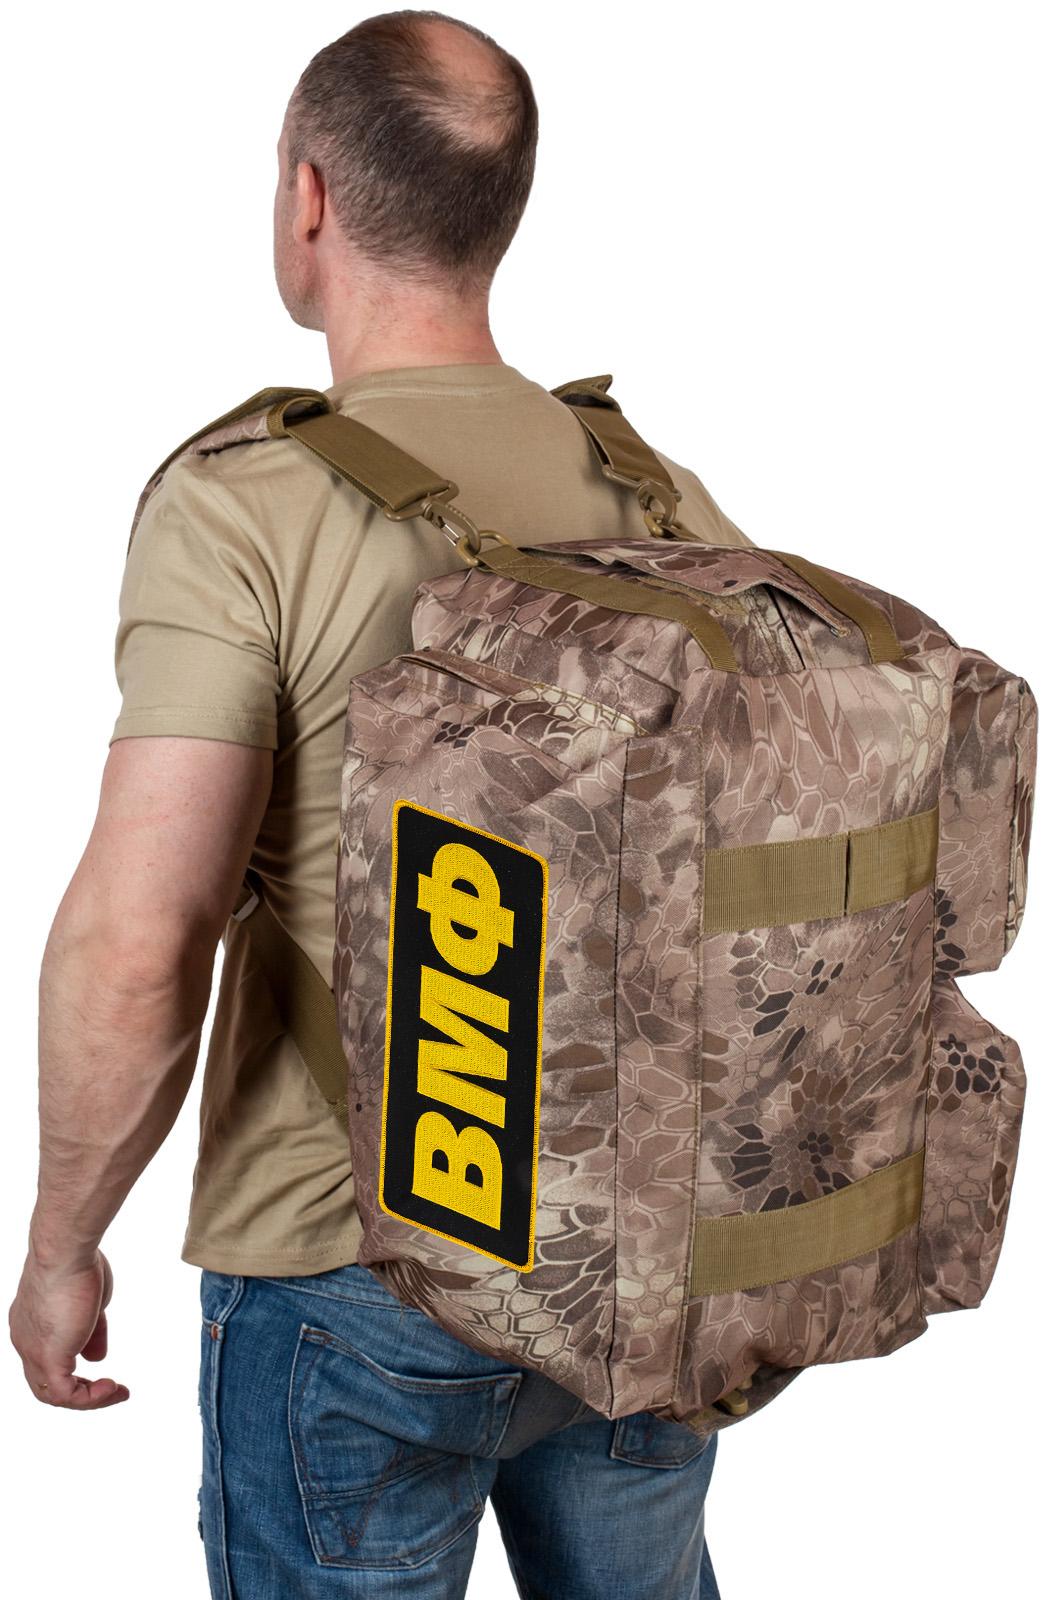 Купить военную дорожную сумку ВМФ (камуфляж Kryptek Nomad) по выгодной цене онлайн